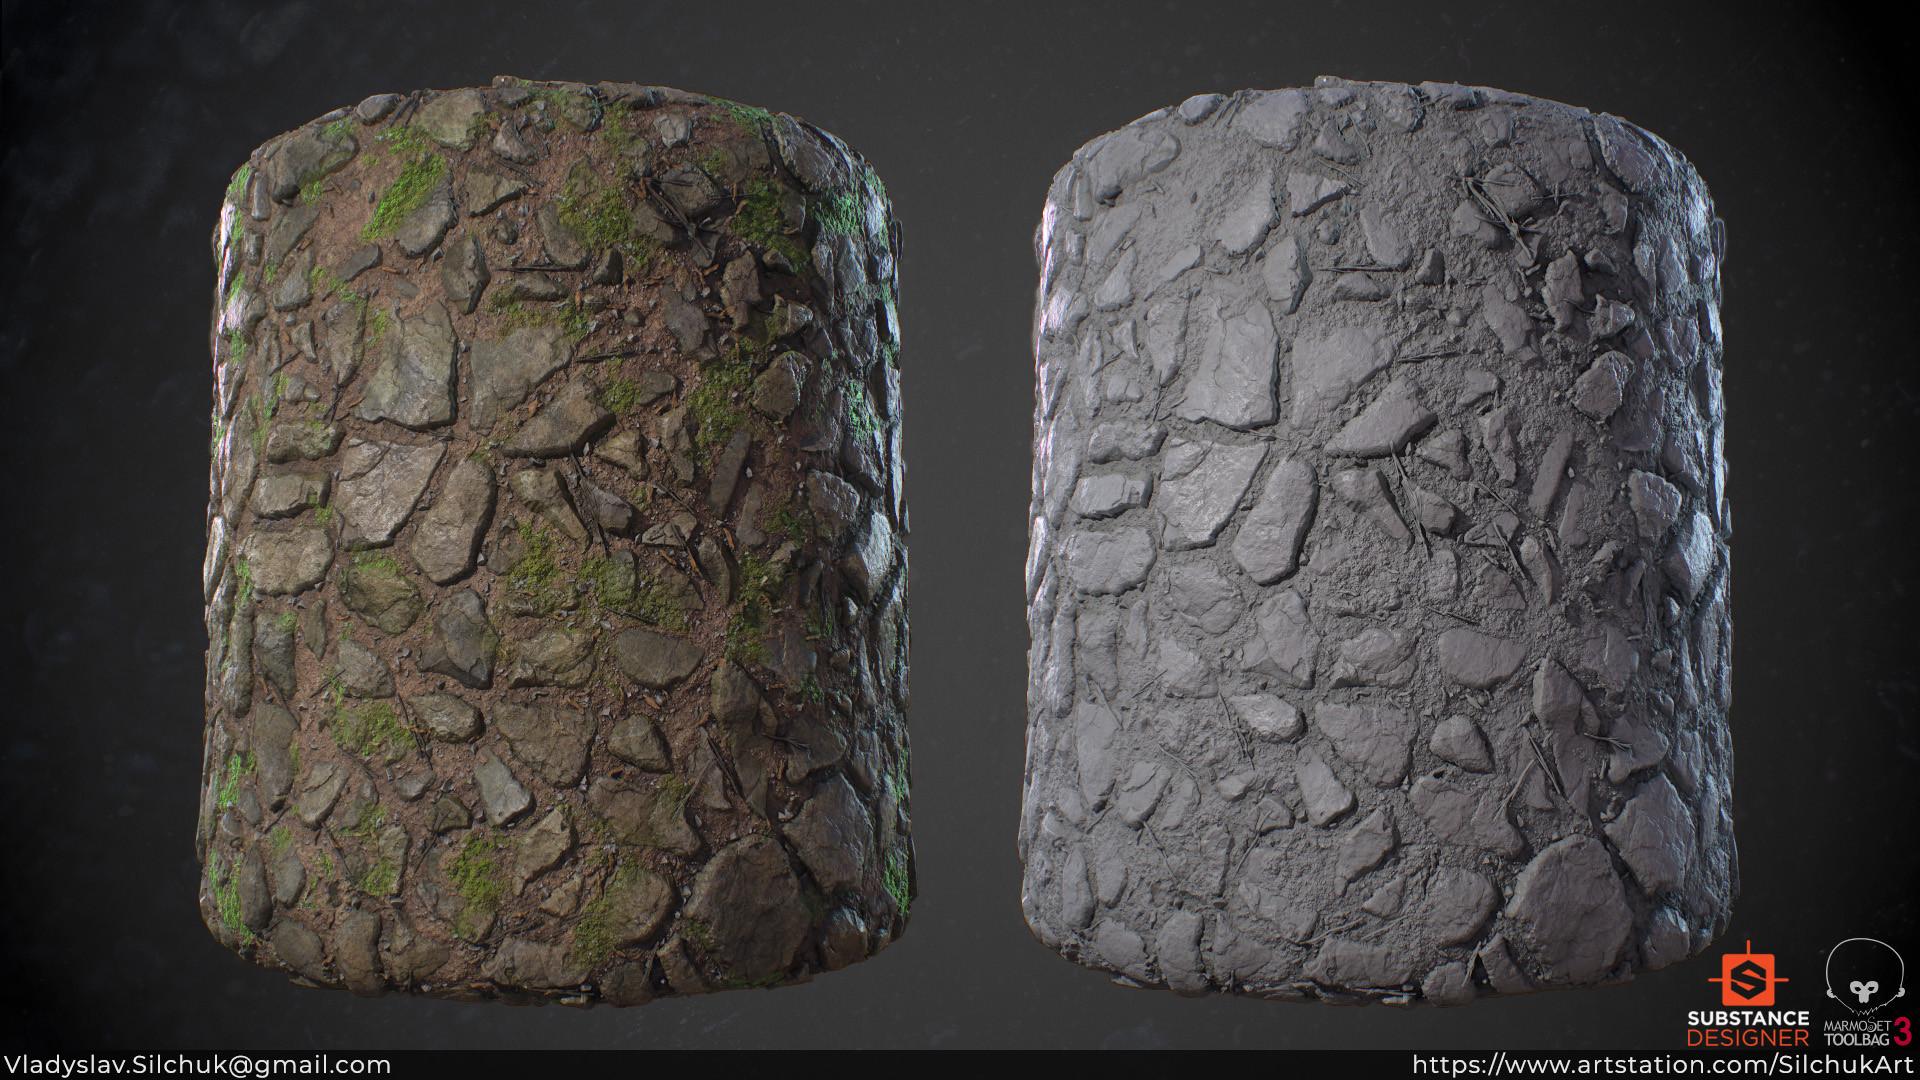 Vladyslav silchuk cobblestone 04